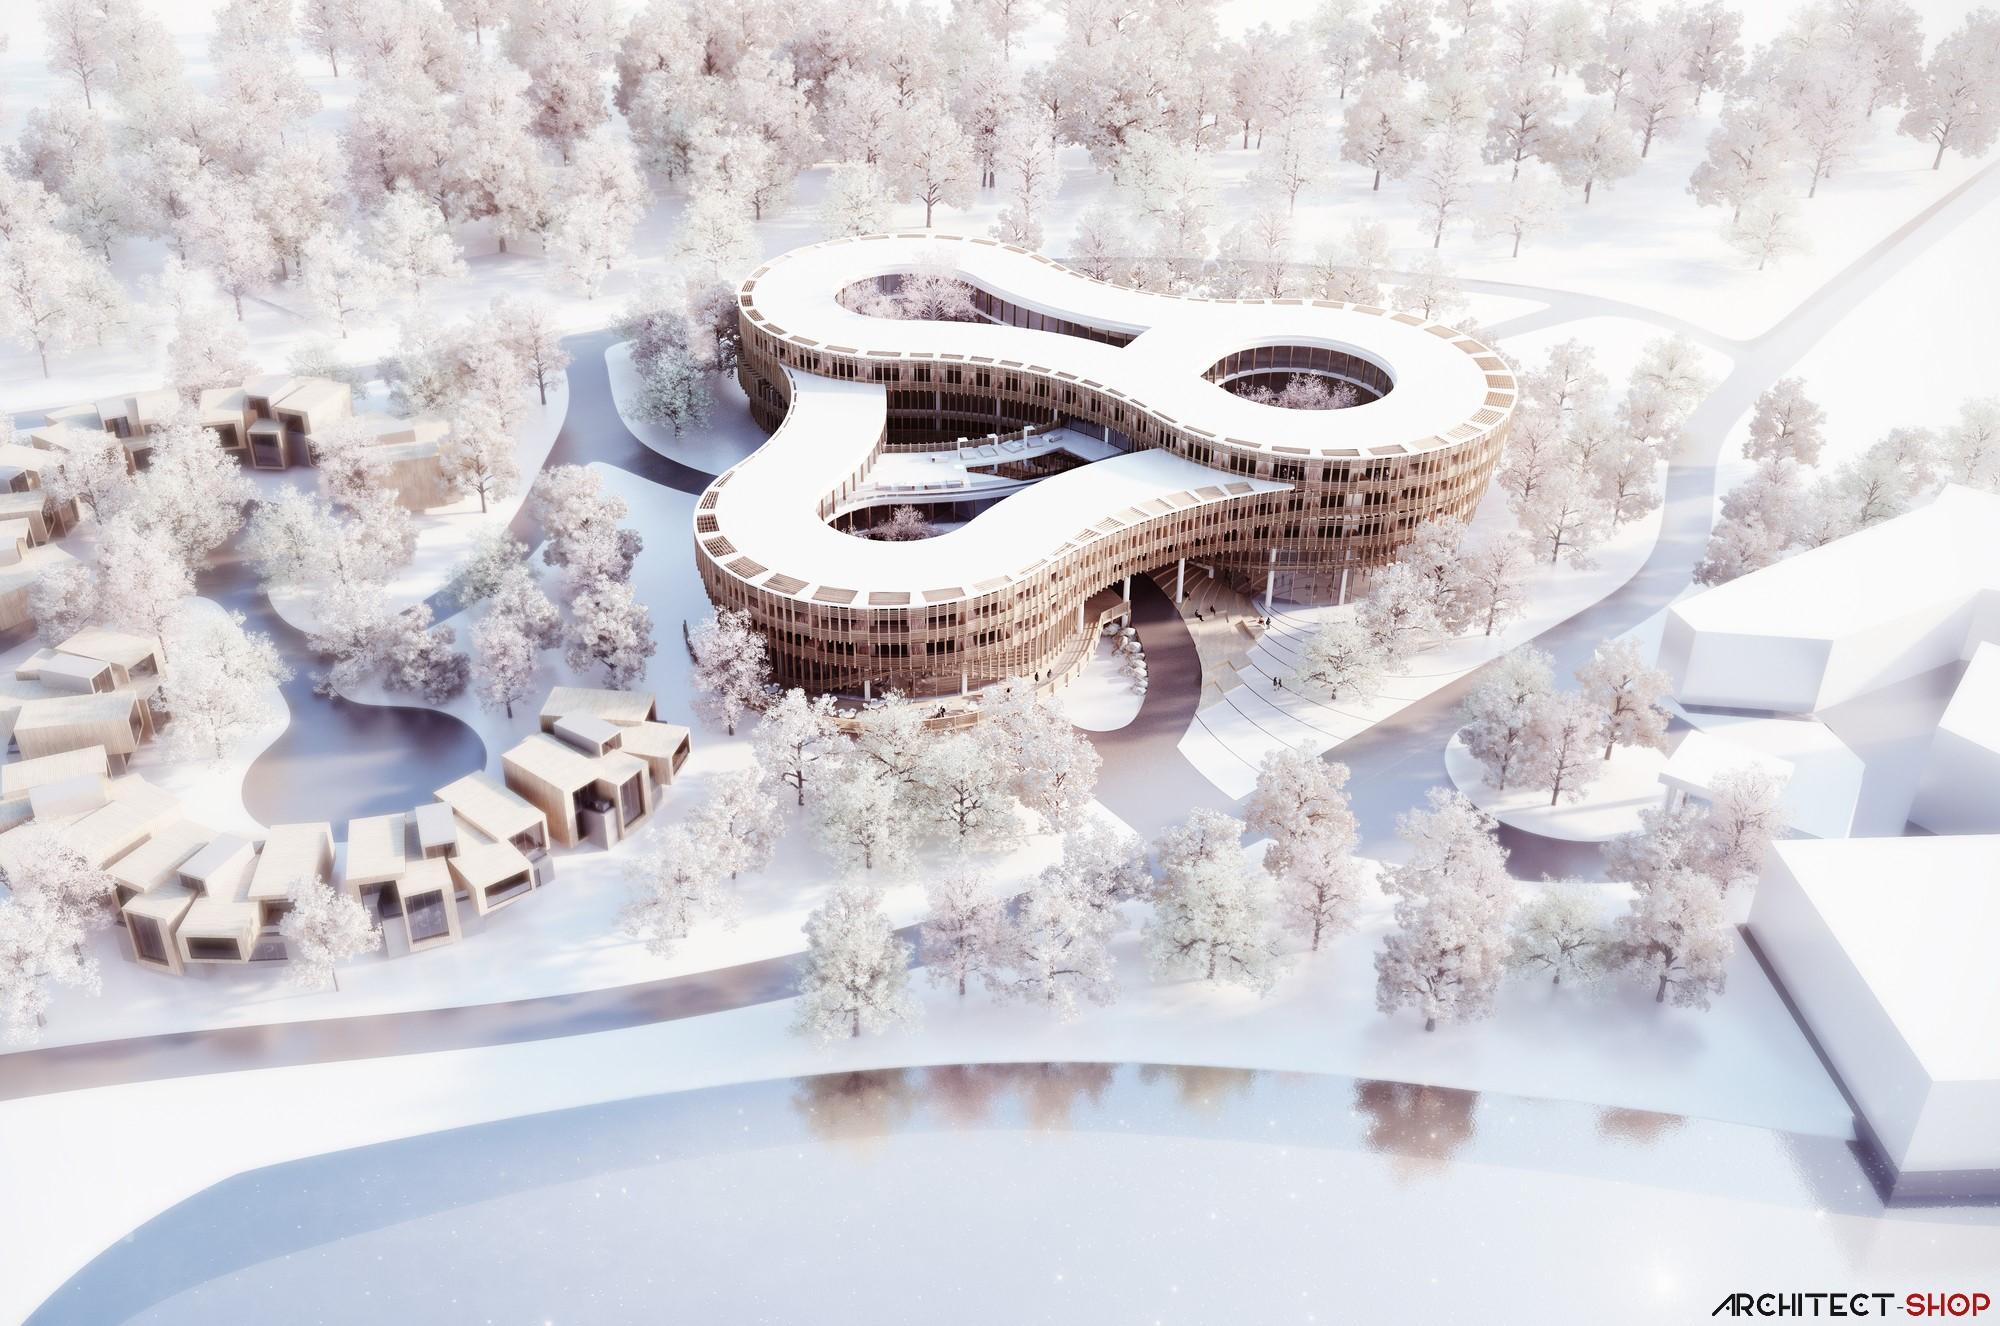 طراحی هتل باغ در چین - Myrtle Garden Hotel 1 1